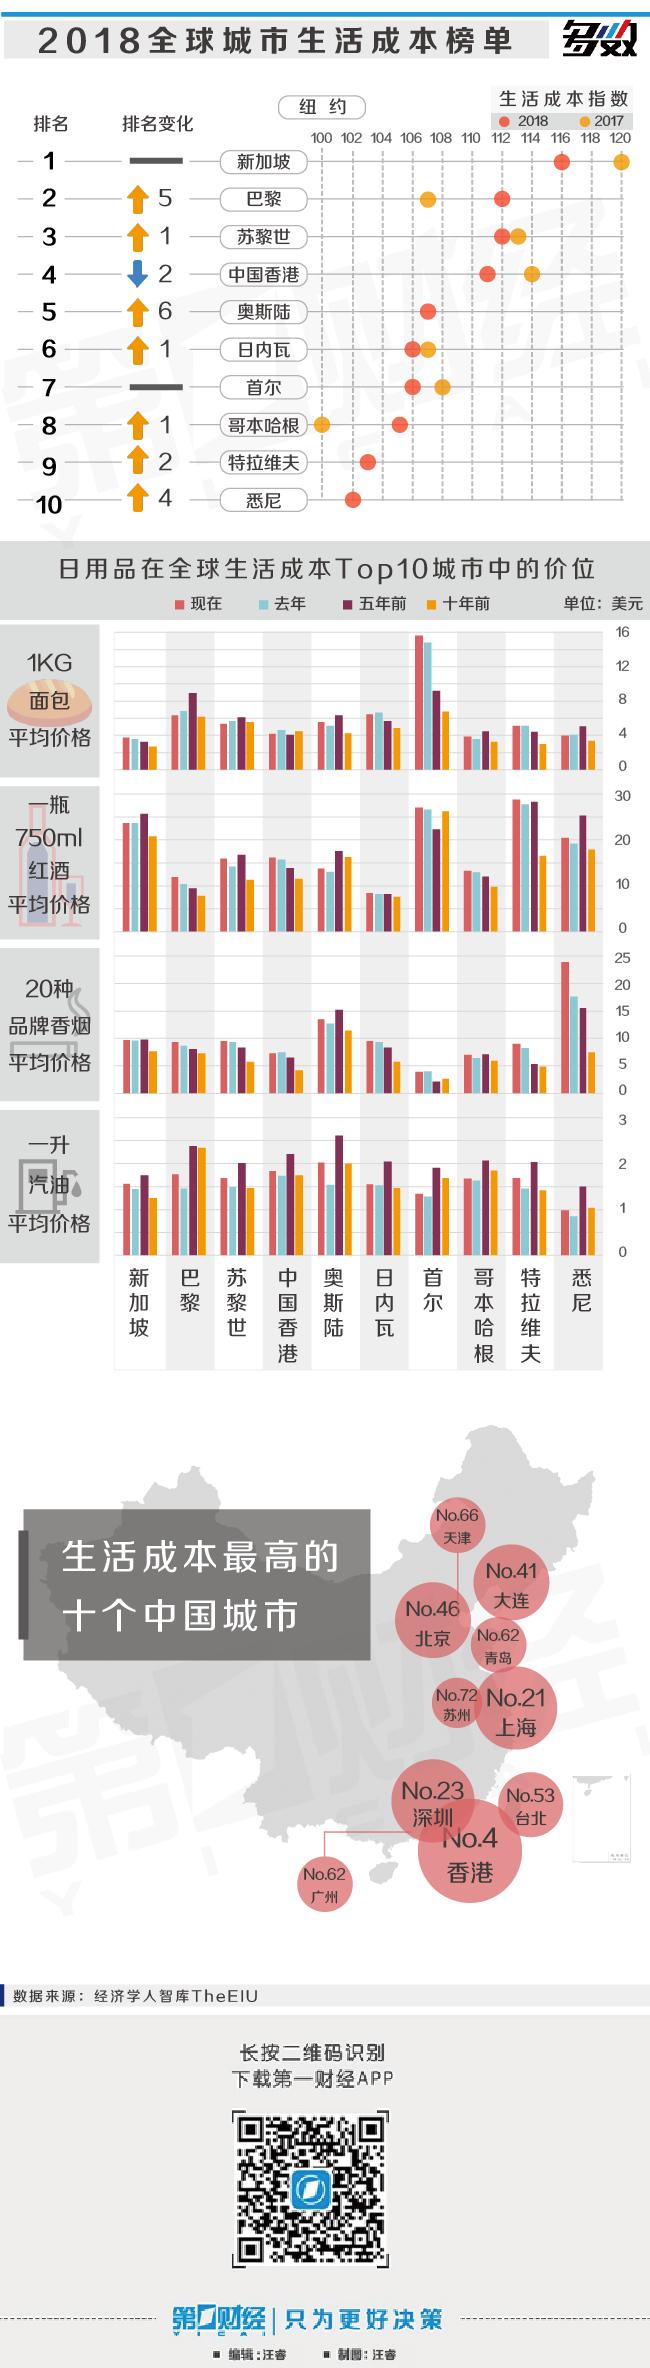 一图读懂全球城市生活成本 大连竟然高过北京